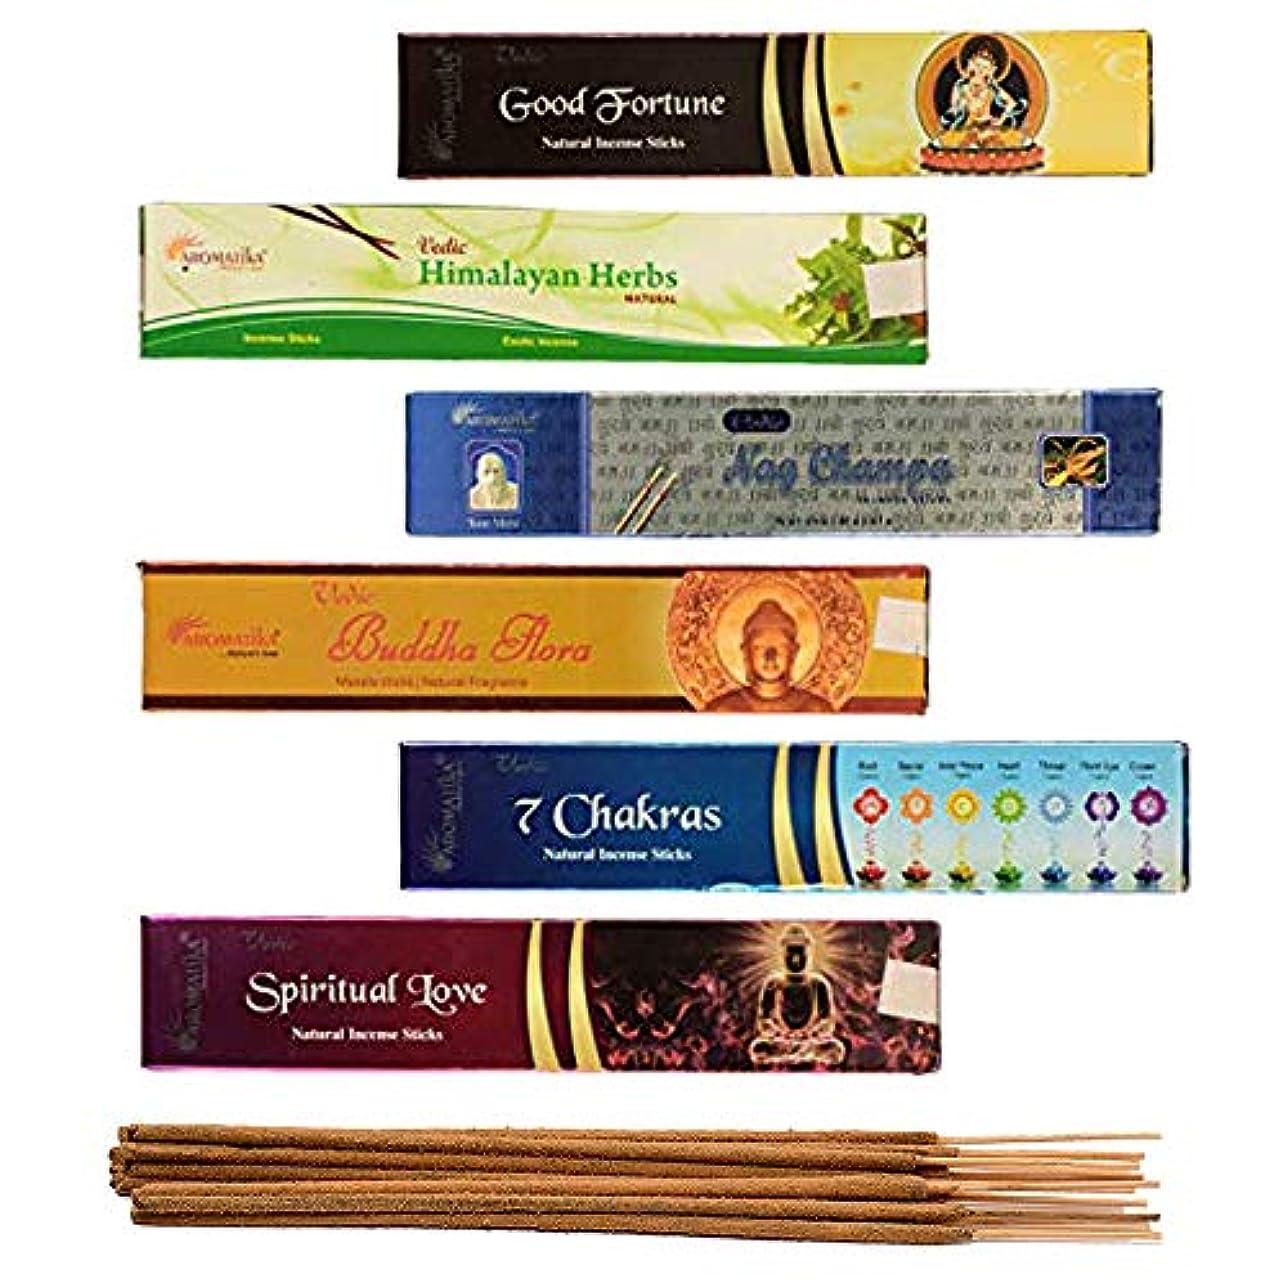 競う照らす自分を引き上げるaromatika 6 Assorted Masala Incense Sticks Vedic Nag Champa、7チャクラ、ブッダFlora、Himalayanハーブ、Good Fortune、Spiritual...